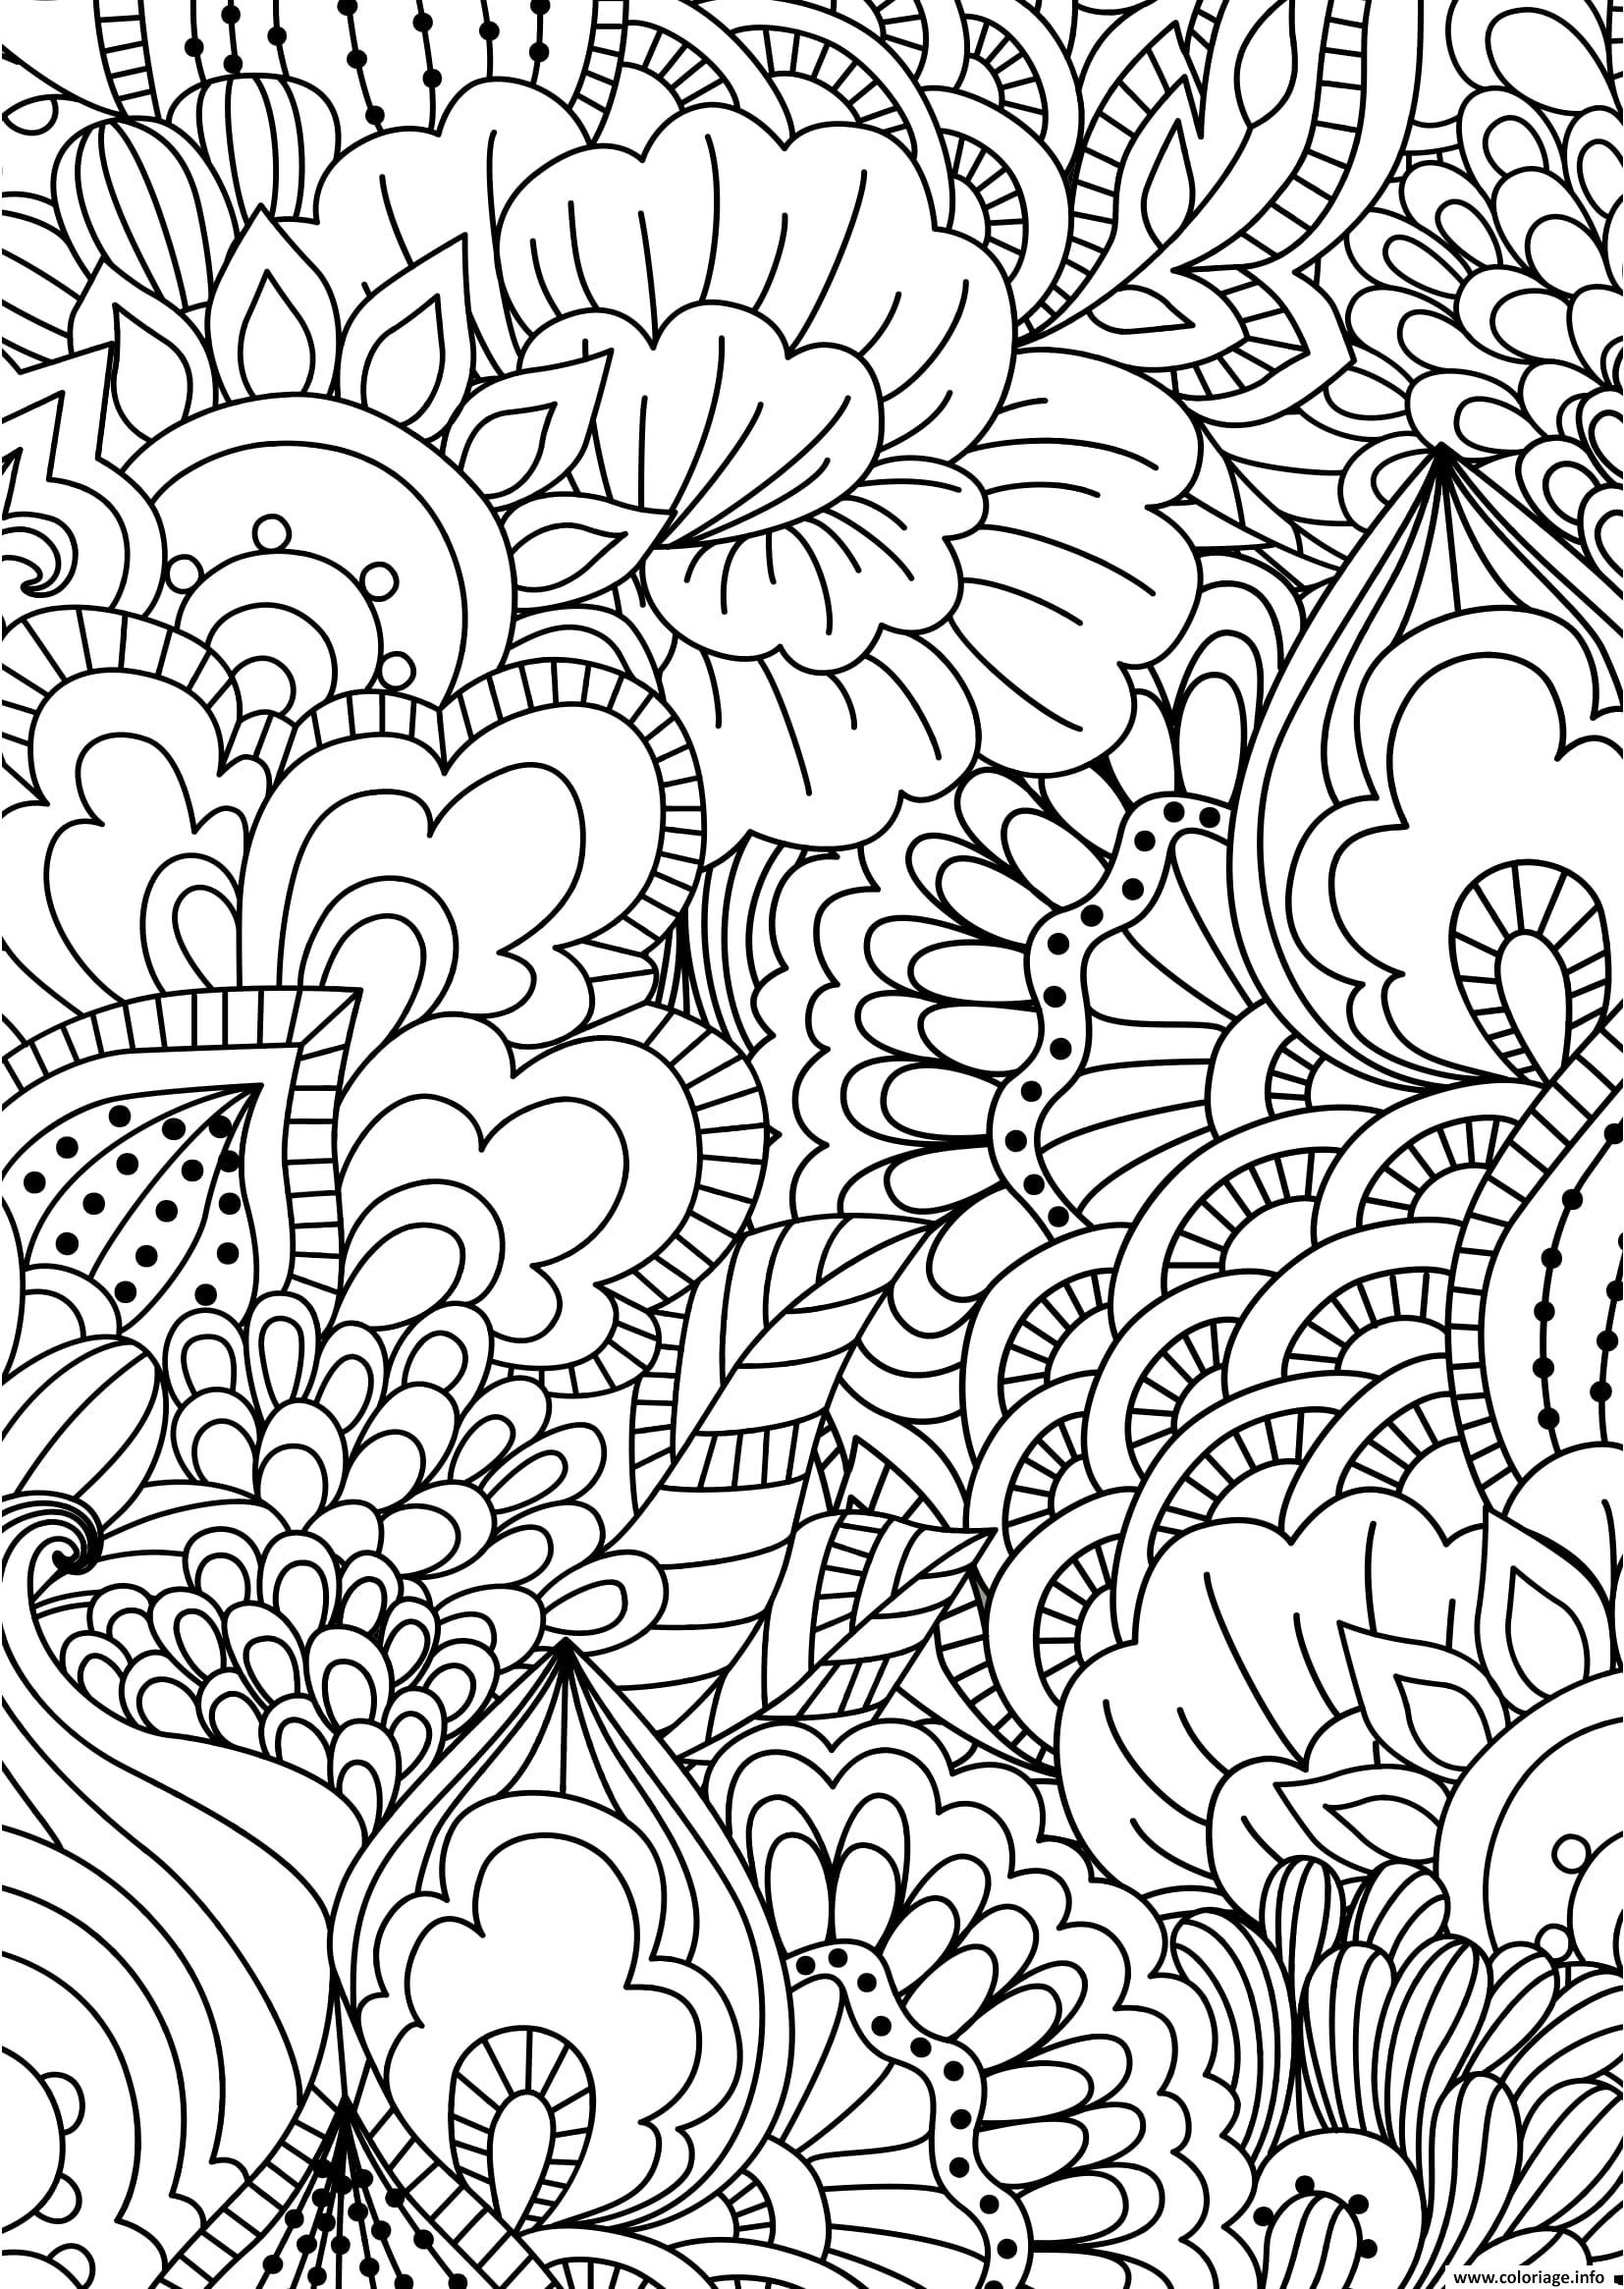 Dessin fleurs adulte pattern zentangle Coloriage Gratuit à Imprimer